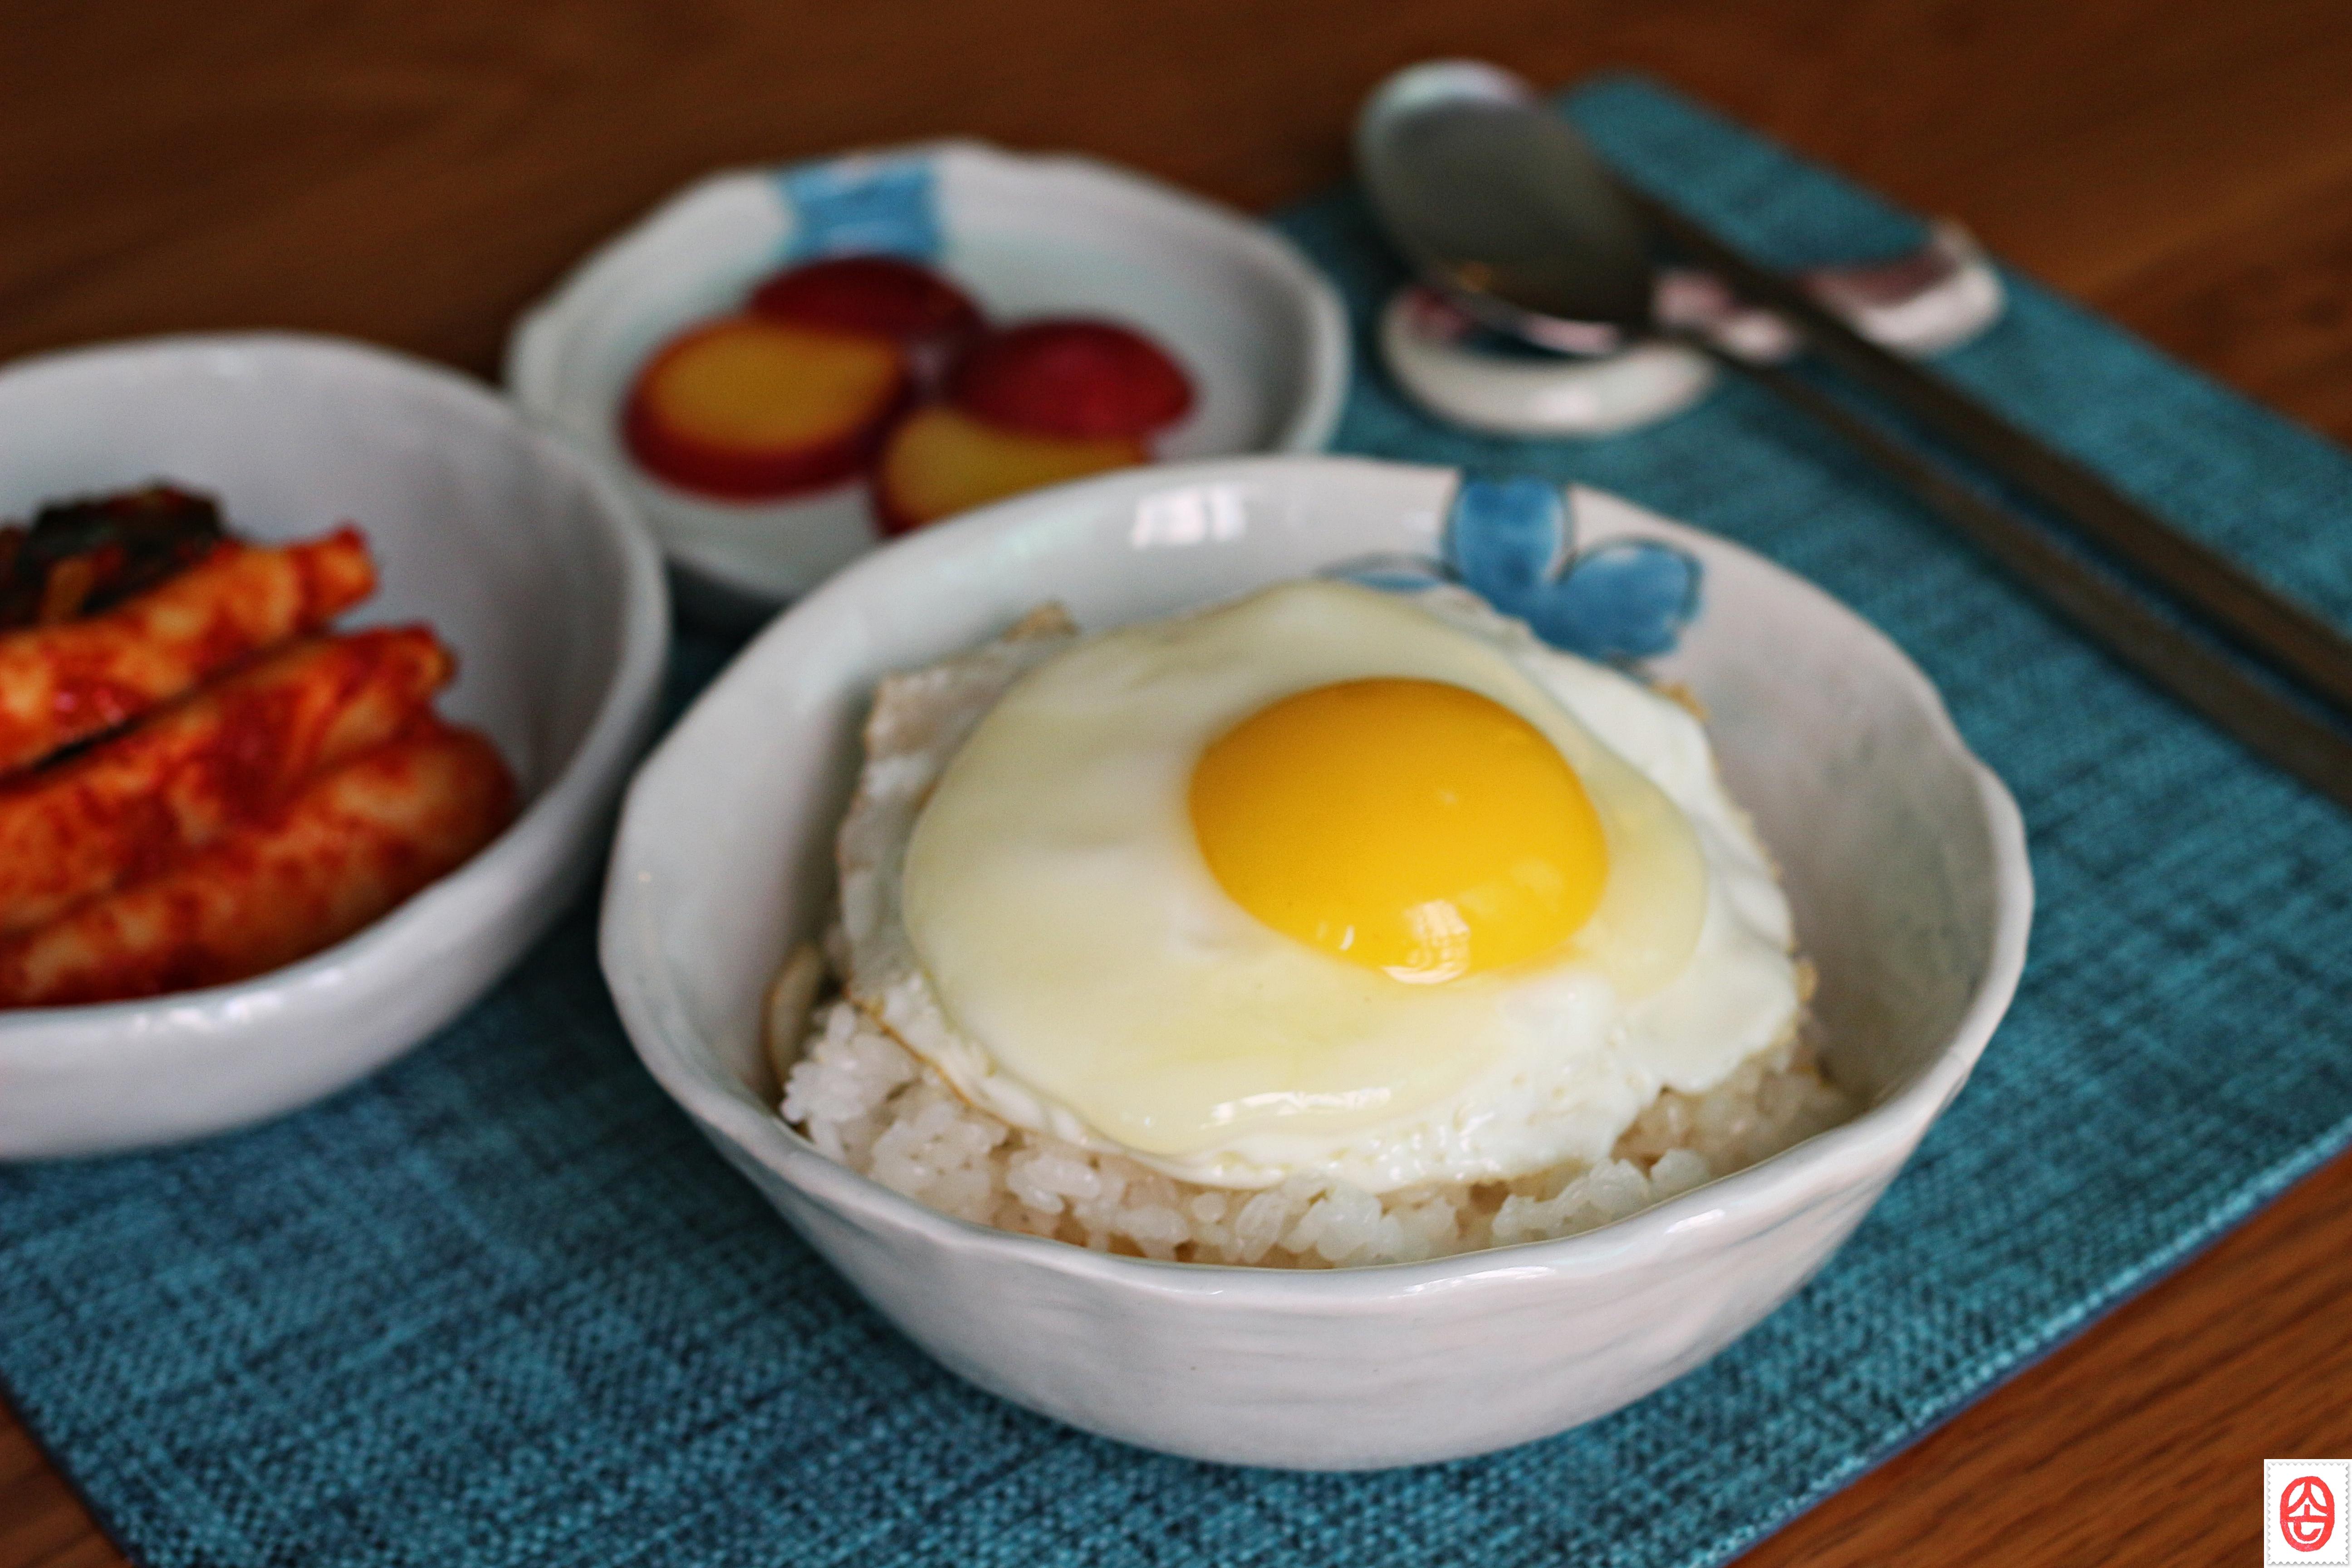 Egg Boiled Rice Rice Eggs Soy Sauce Oil